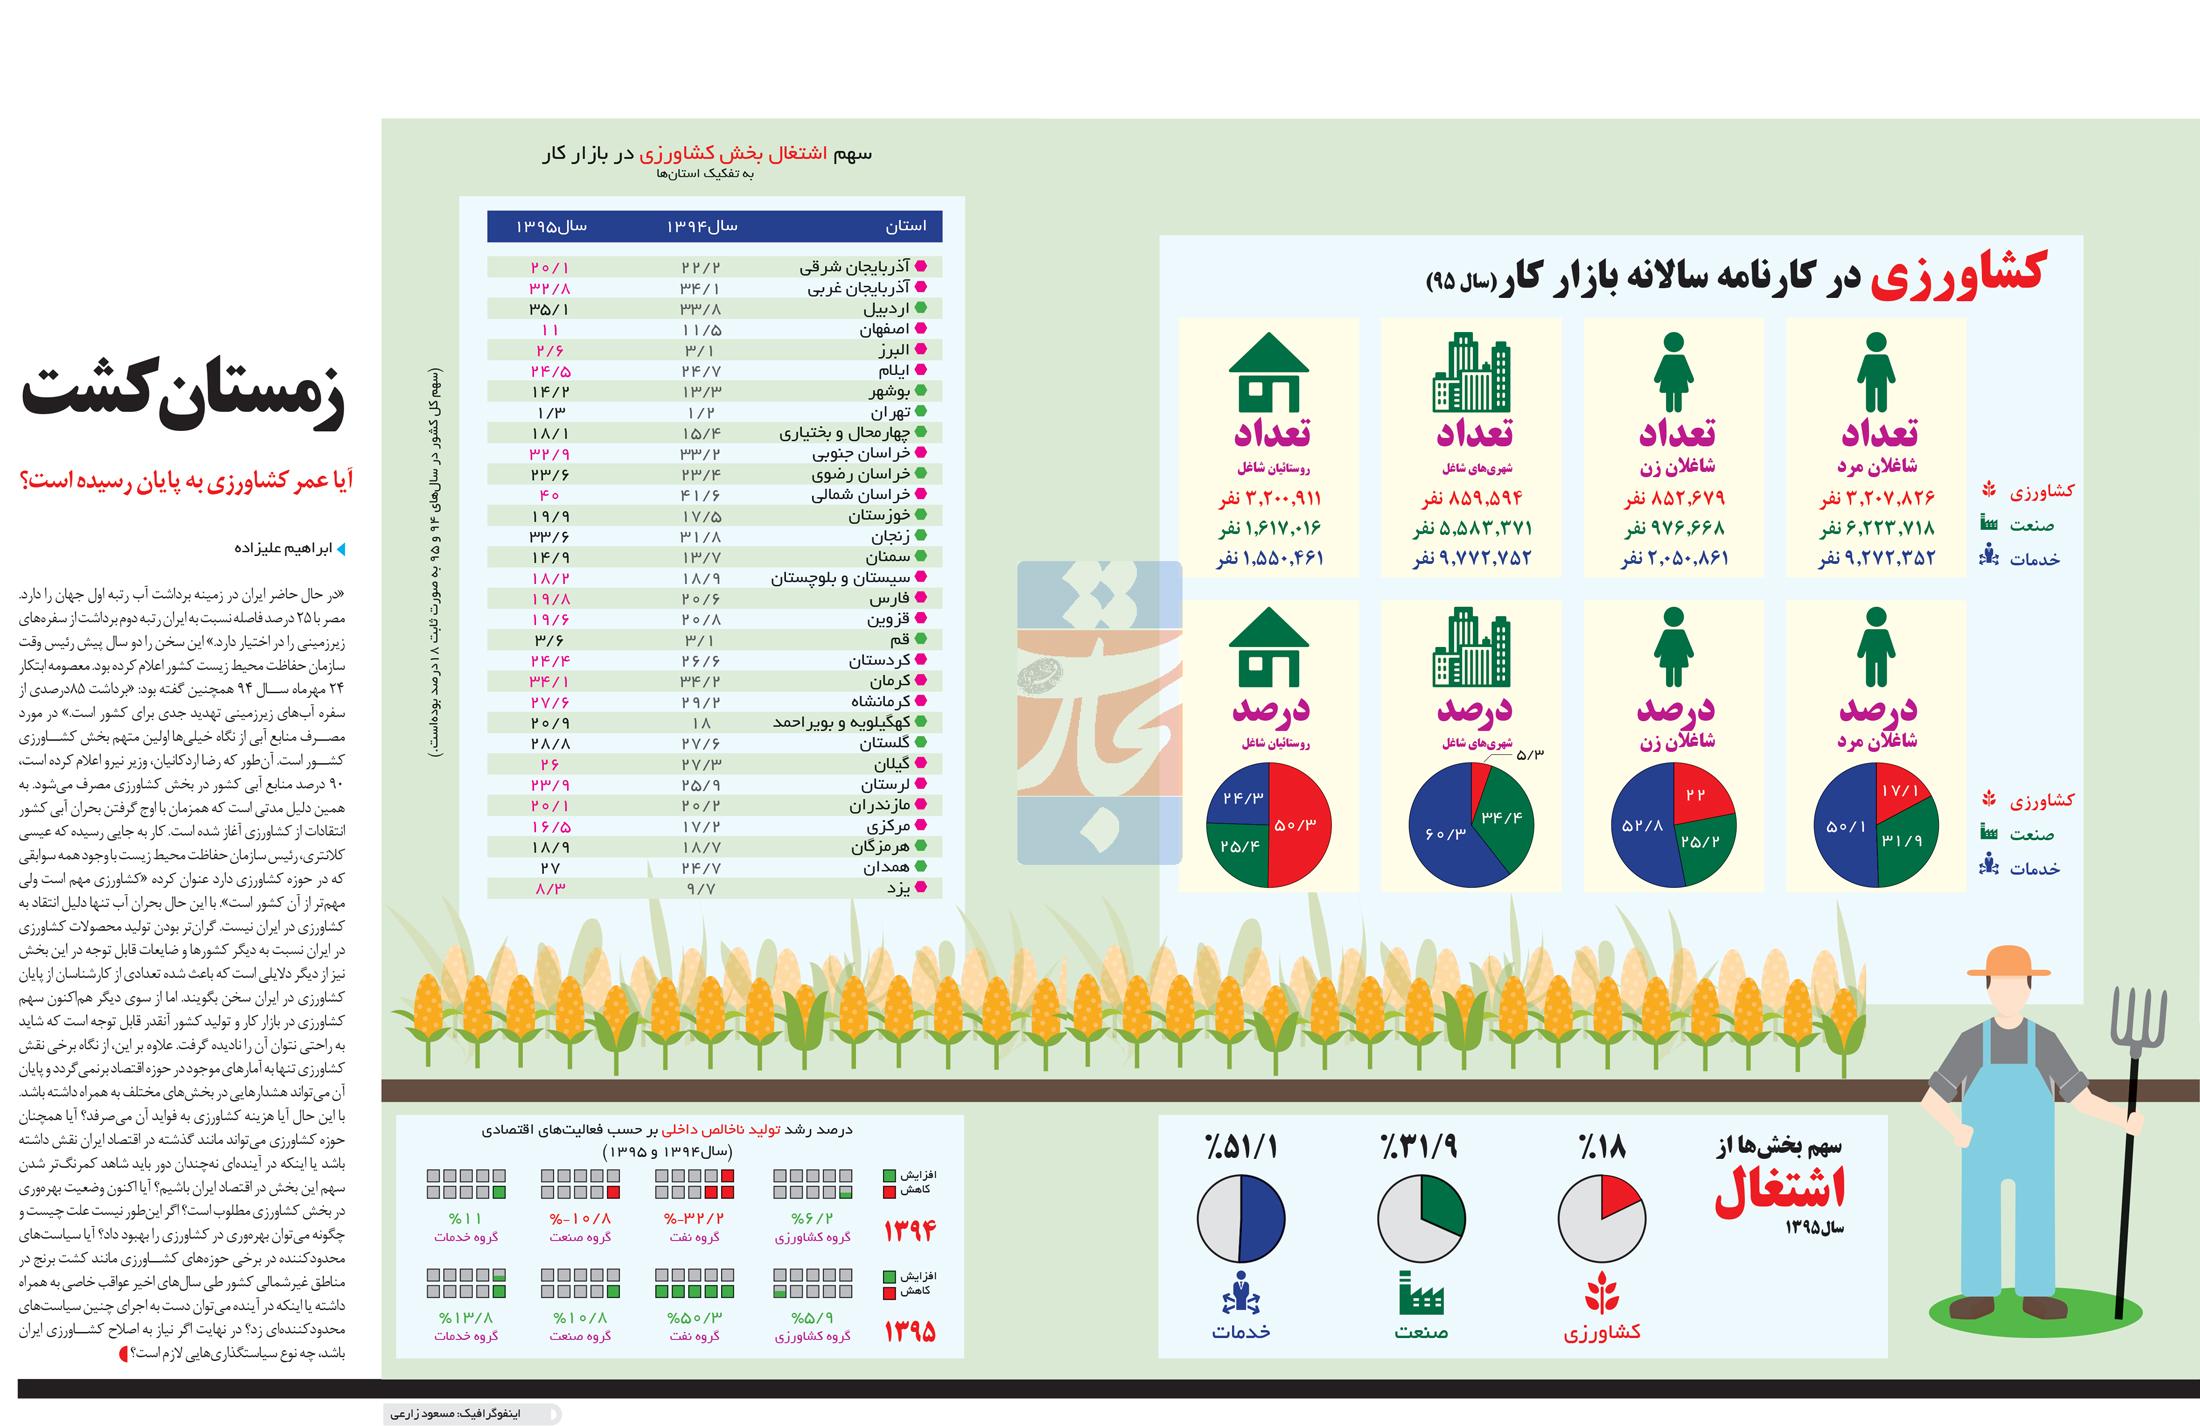 تجارت فردا- اینفوگرافیک- کشاورزی در کارنامه سالانه بازار کار(سال 95)